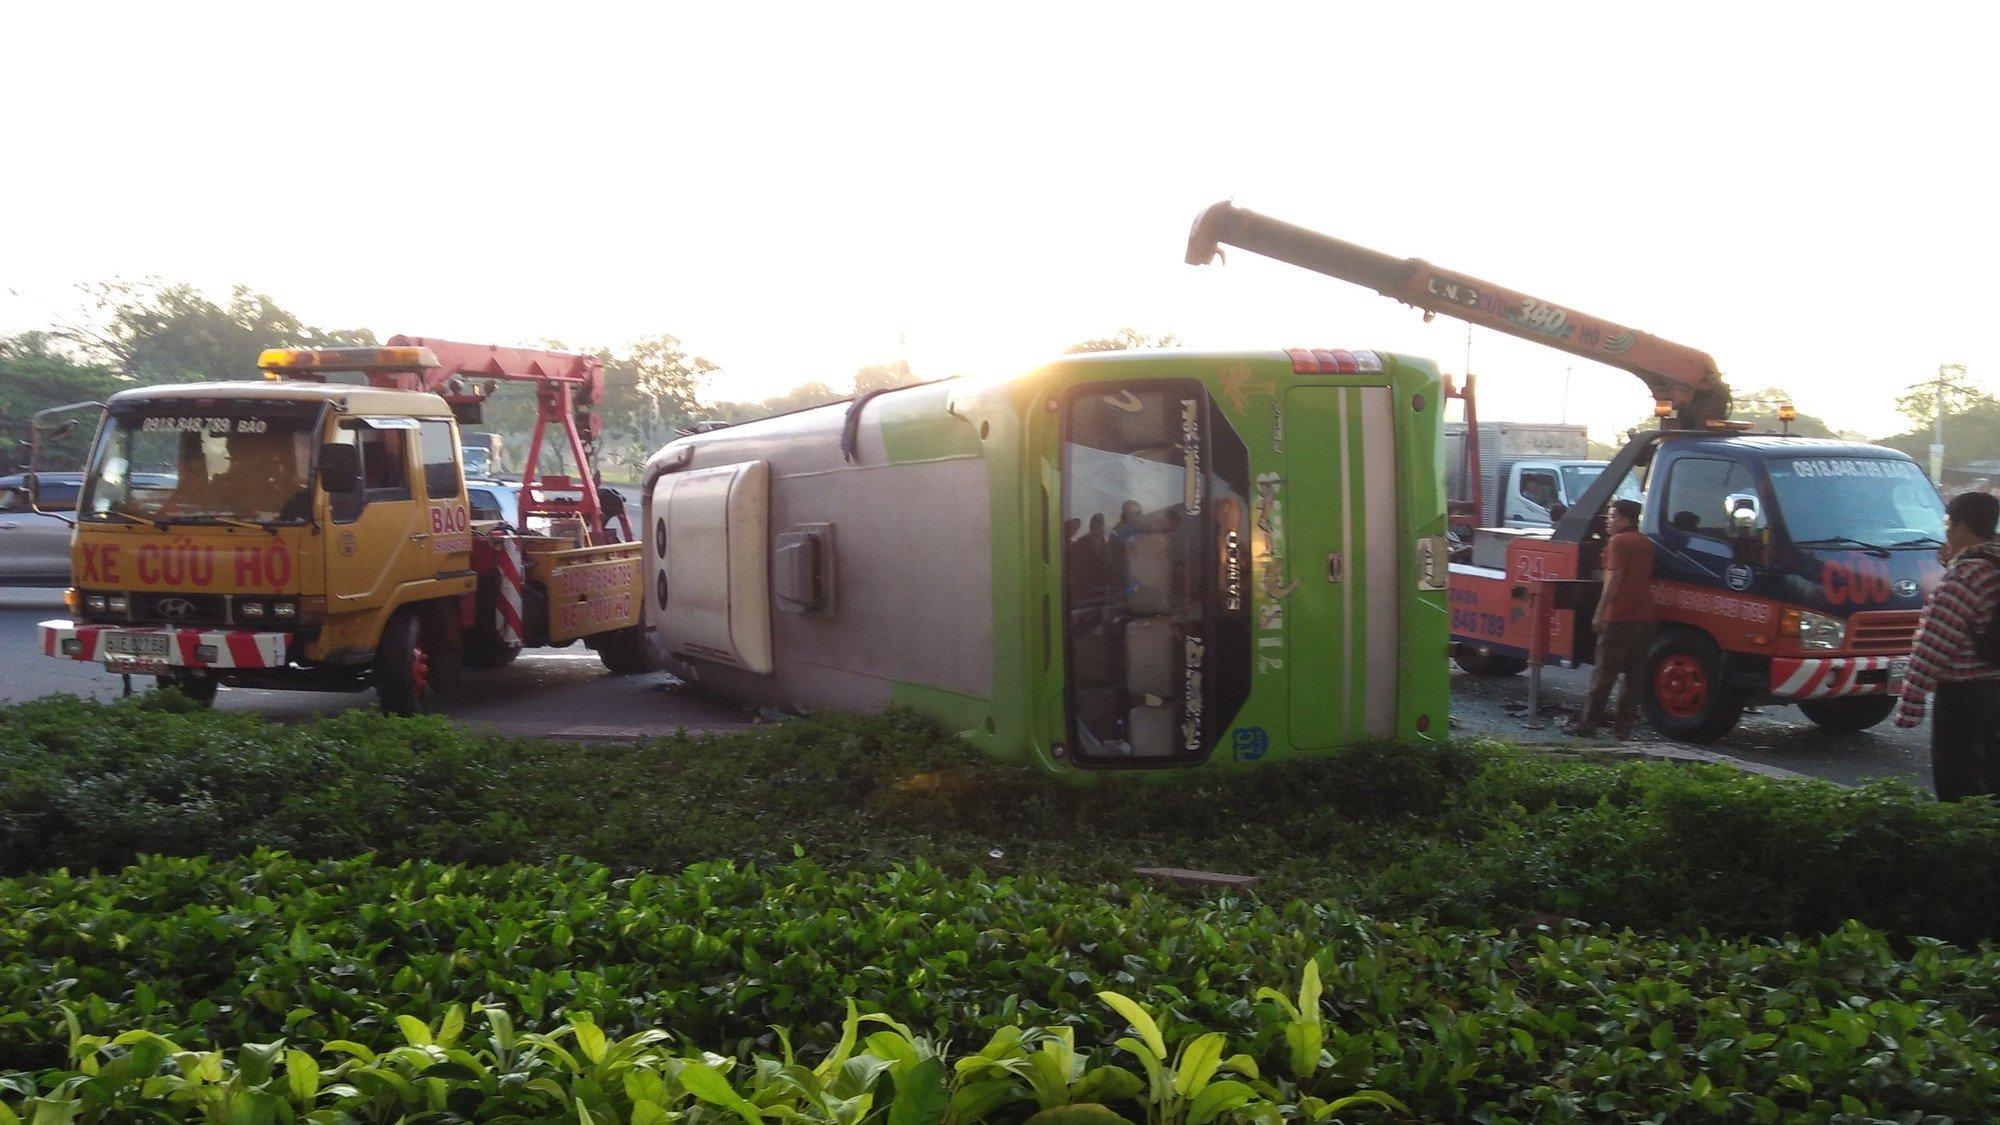 Phá cửa giải cứu gần 10 hành khách la hét thất thanh trong xe khách bị lật ở Sài Gòn 1